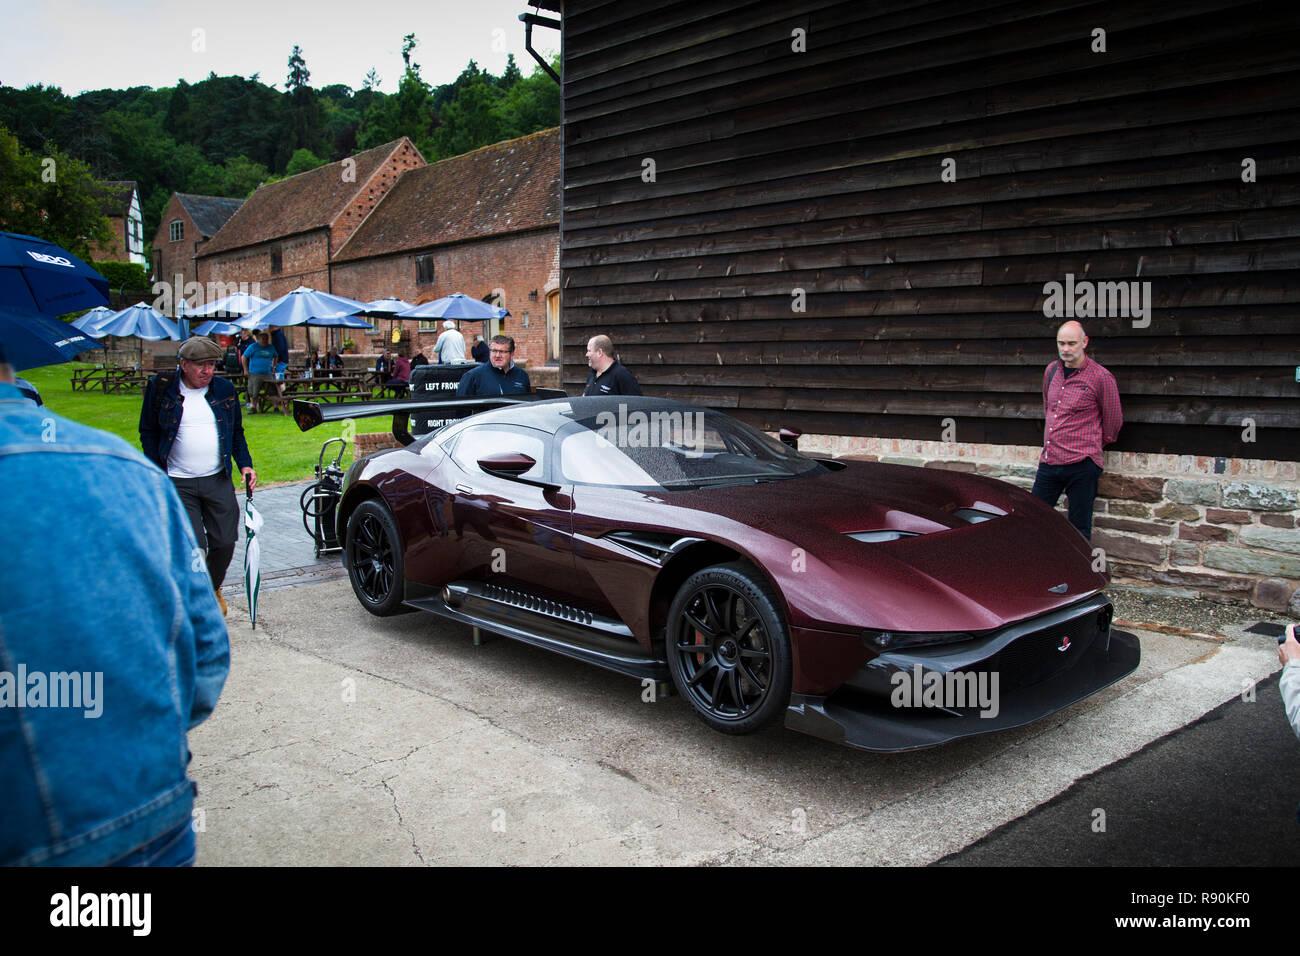 Aston Martin Vulcan at Shelsley Walsh Hill Climb - Stock Image